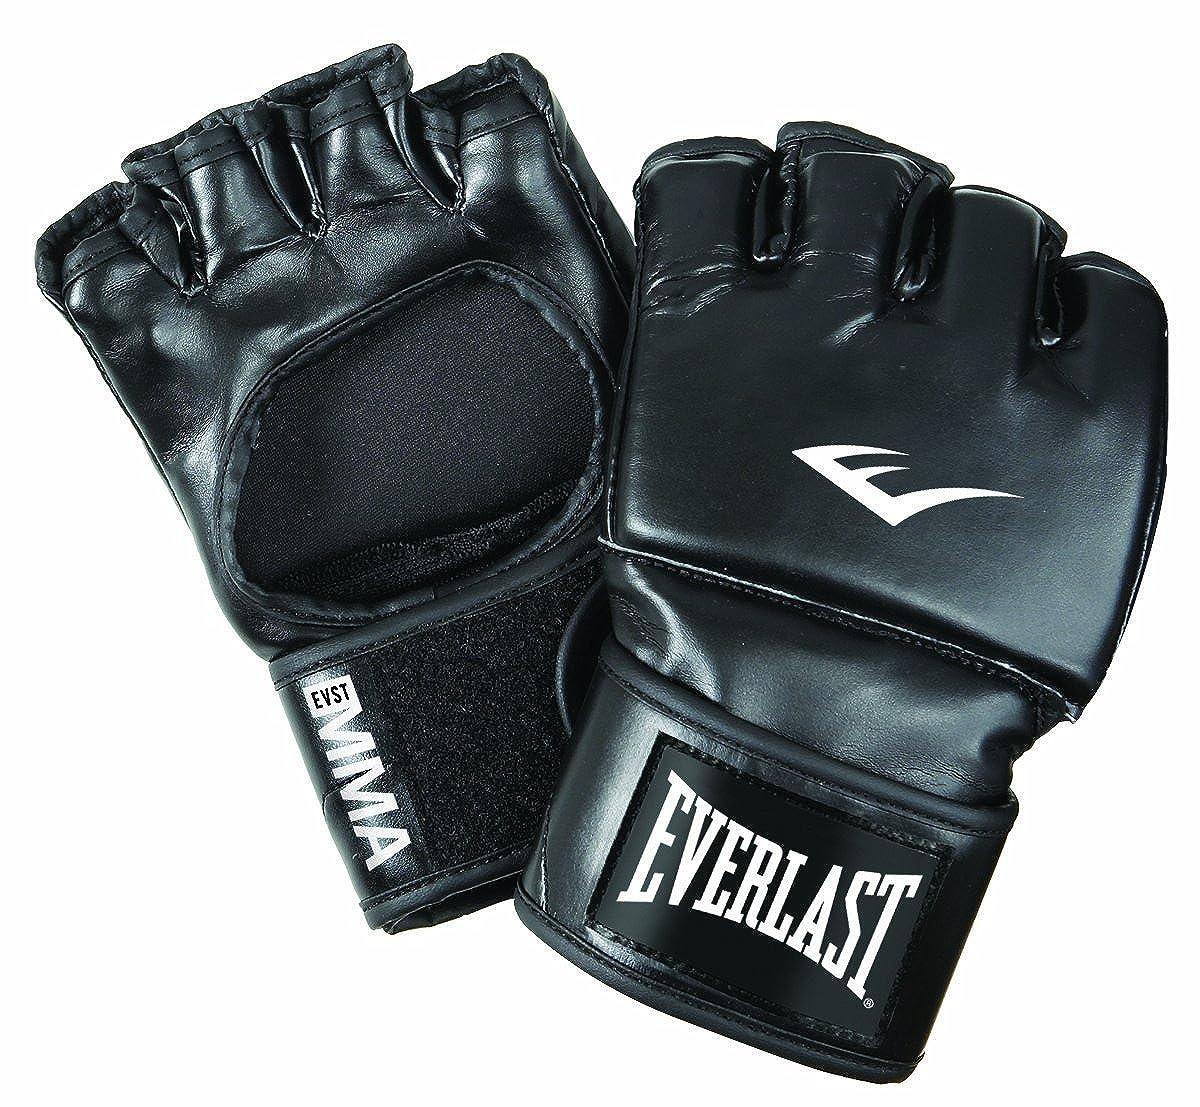 Everlast 7561 - Guantes de lucha (nivel avanzado o profesional)